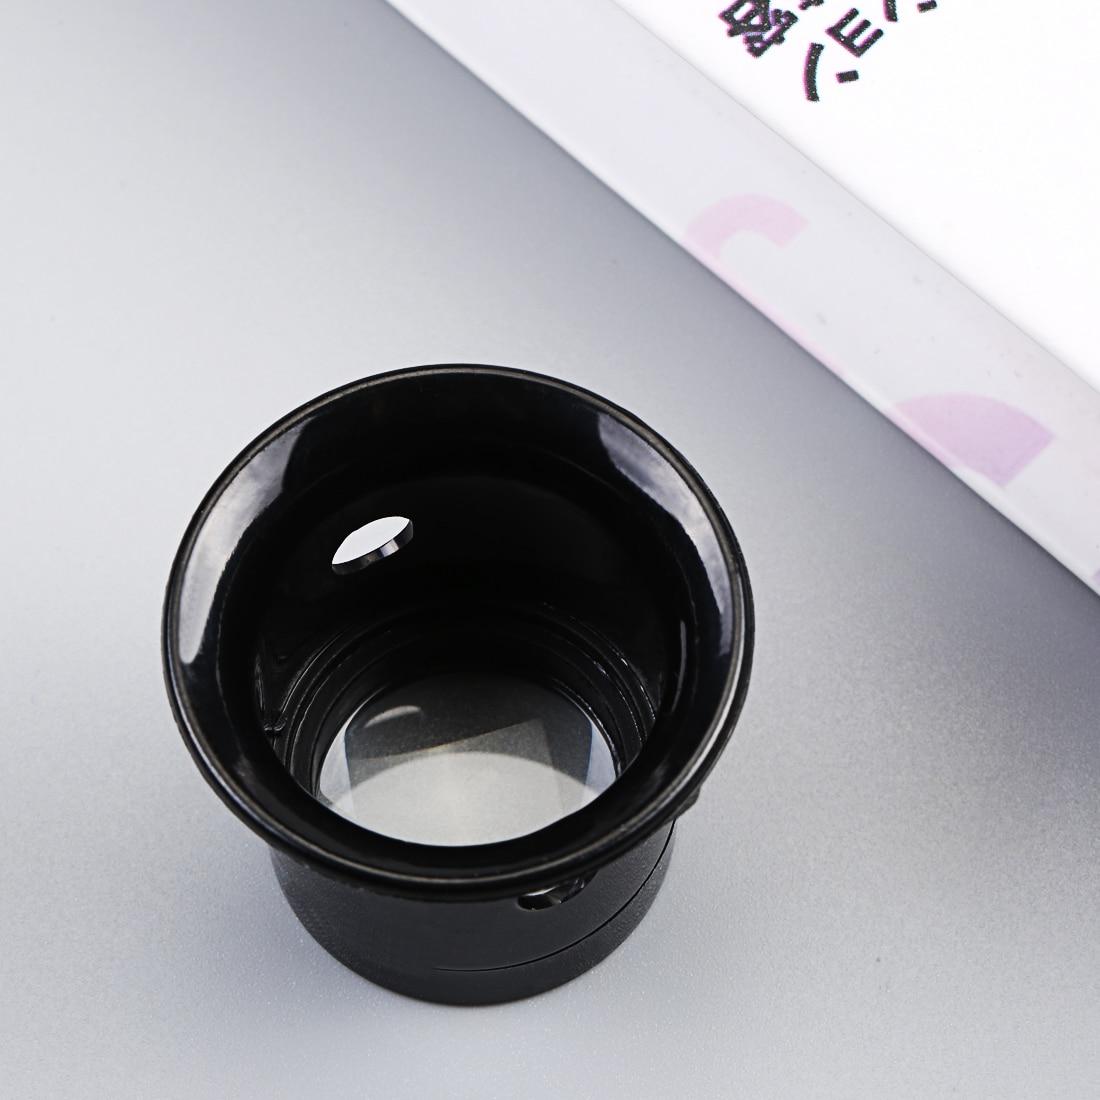 Werkzeuge Freundschaftlich Monokulare Lupe Objektiv 5x3,6x3 Cm Lupe Lupe Brillen Reparatur Werkzeug Für Juwelier/uhr/ Computer